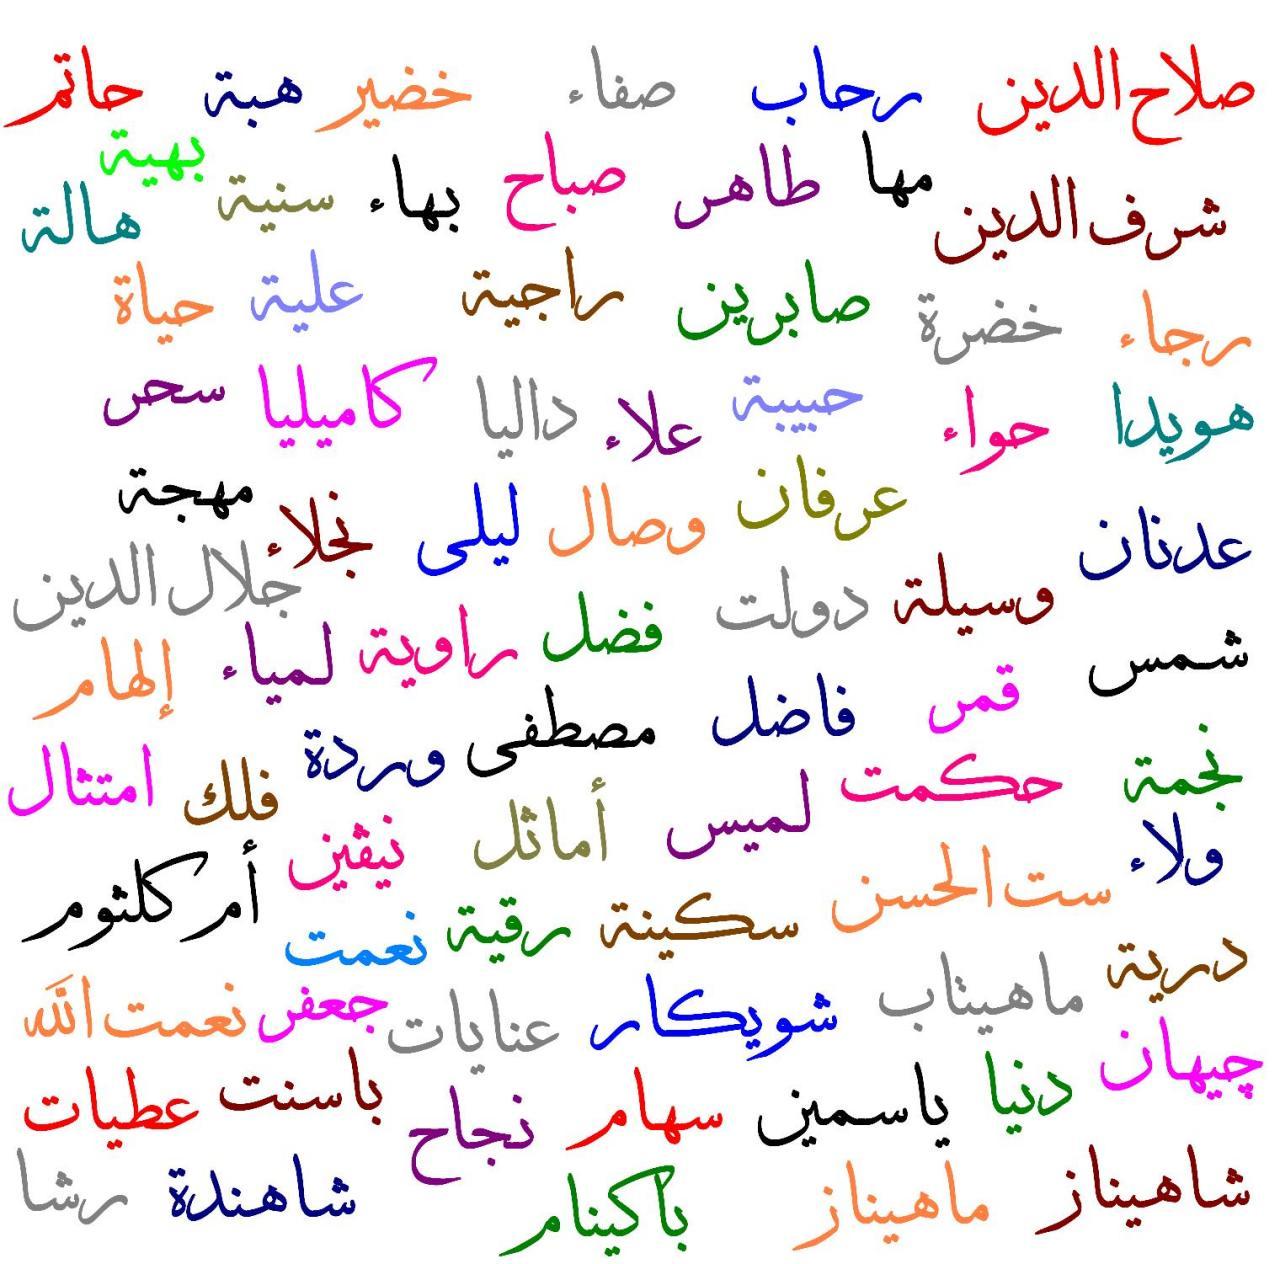 اسماء بنات العرب اجمل اسماء بنات كارز